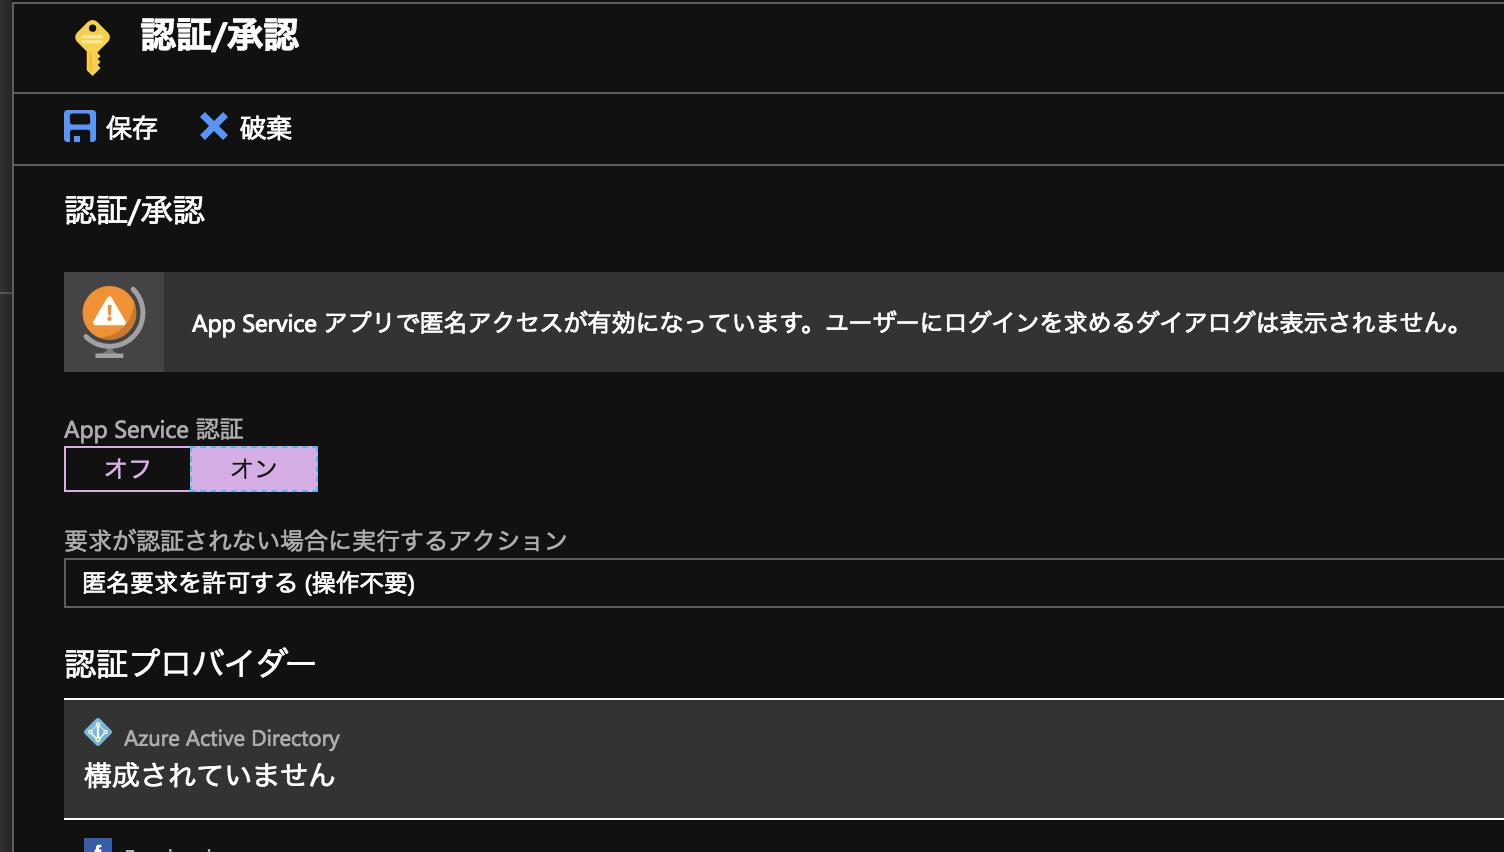 Screen Shot 2019-02-07 at 22.09.29